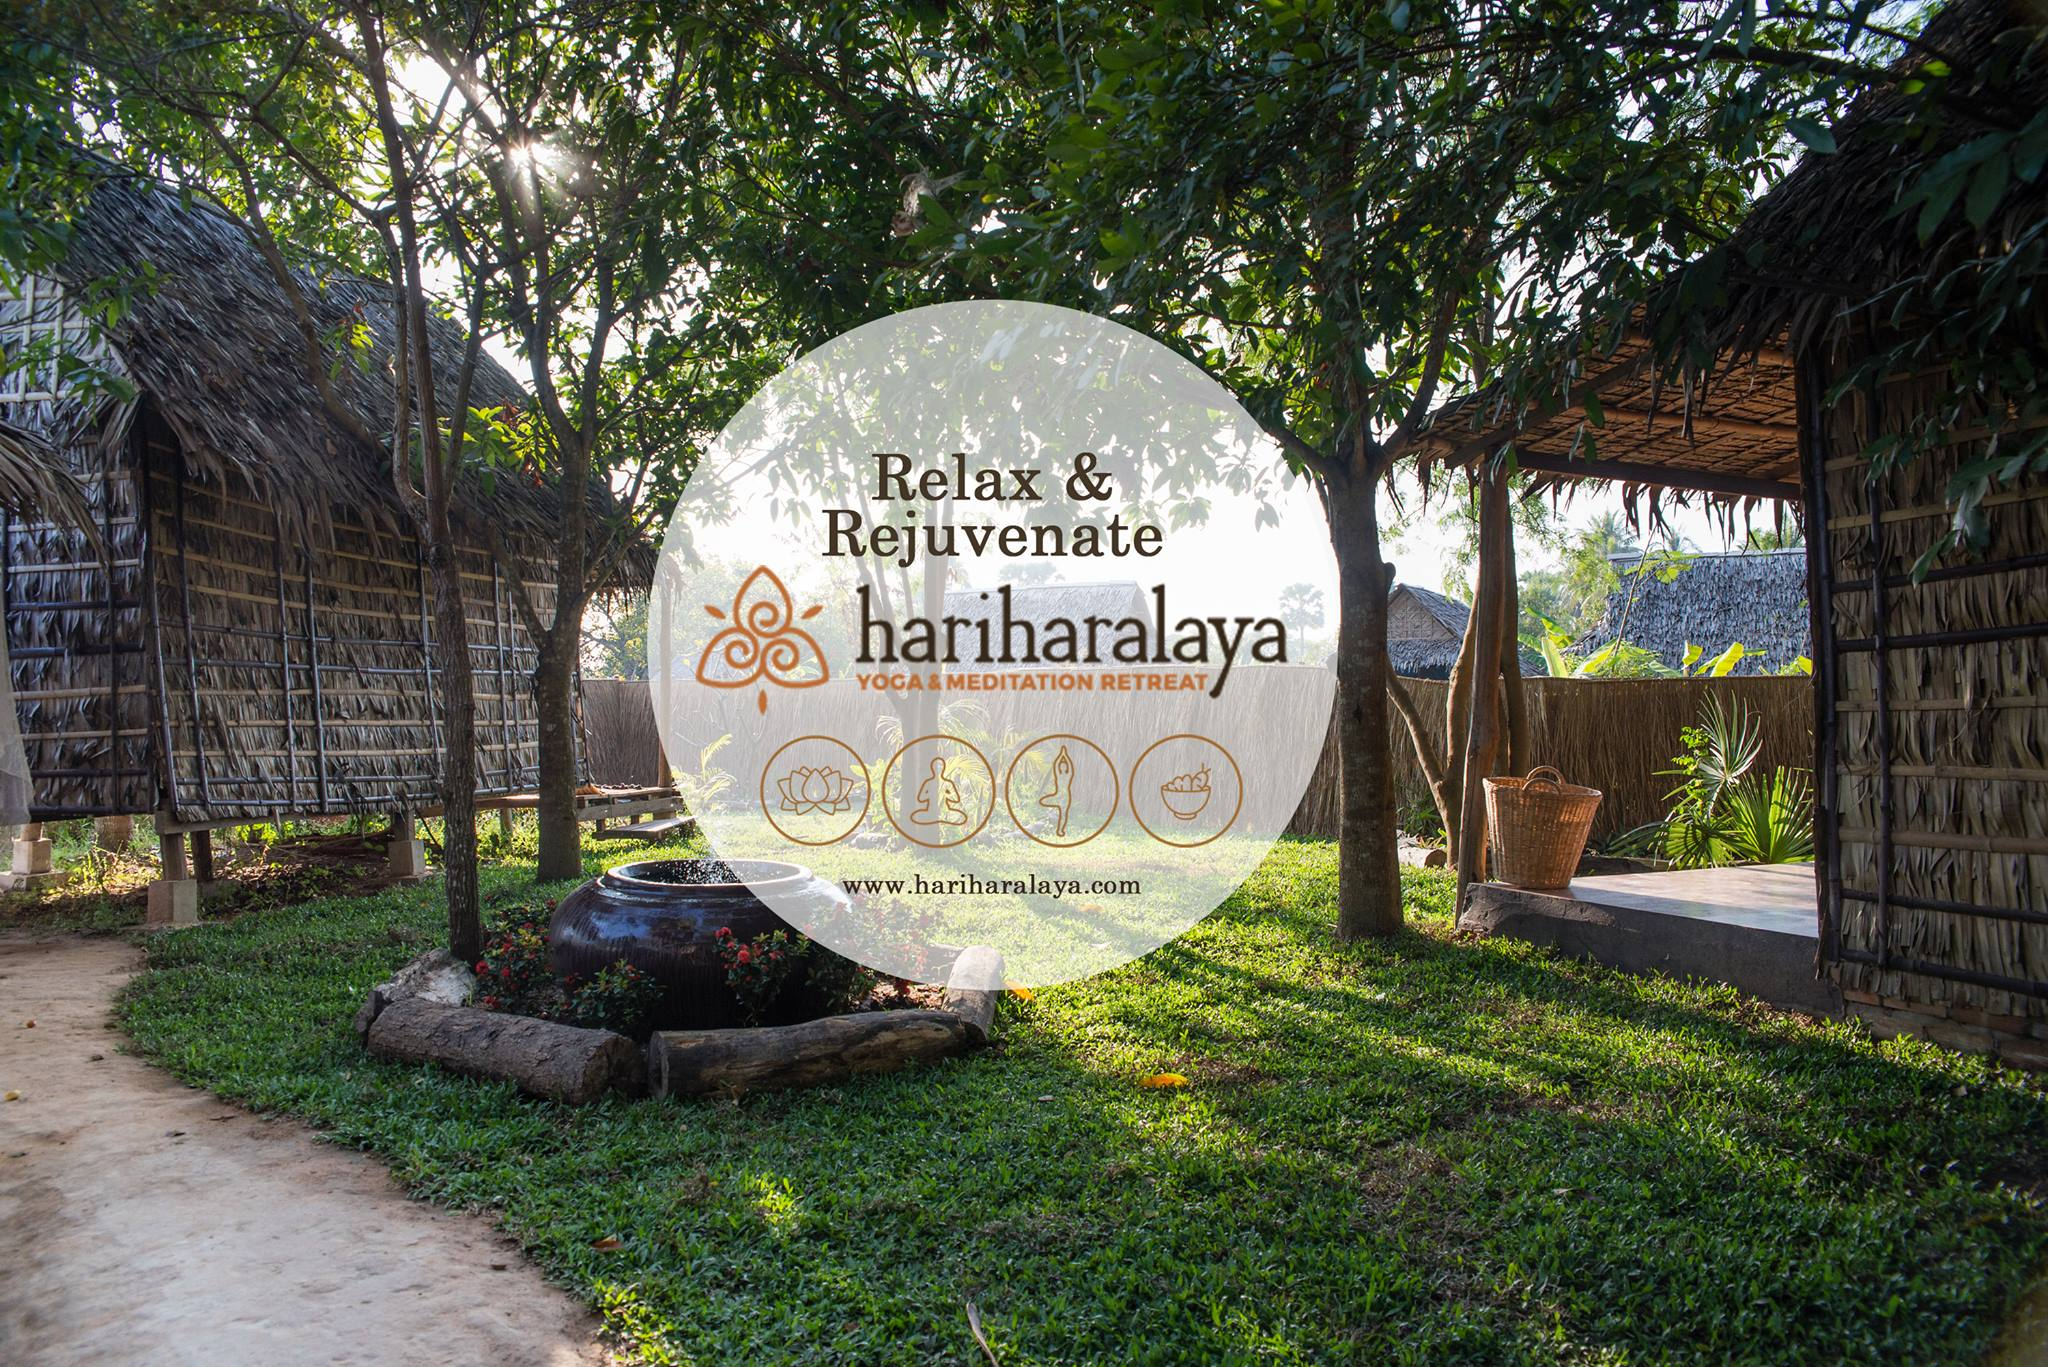 hariharalaya-meditation-retreat-centre-cambodia-4